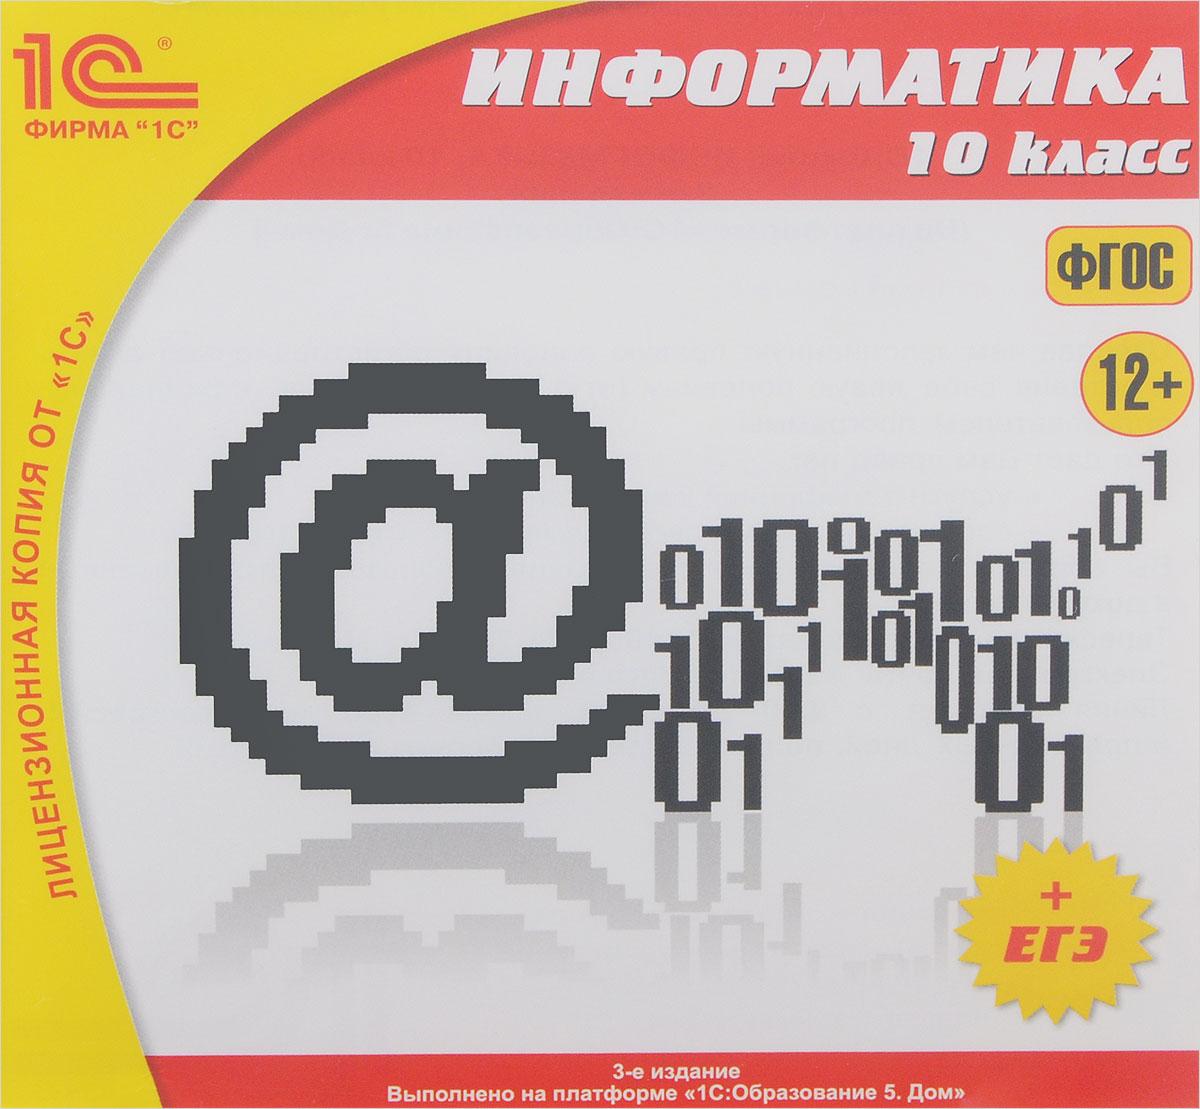 1С:Школа. Информатика. 10 клacc (ФГОС) обучающие диски 1с паблишинг 1с школа математика 1 4 кл тесты